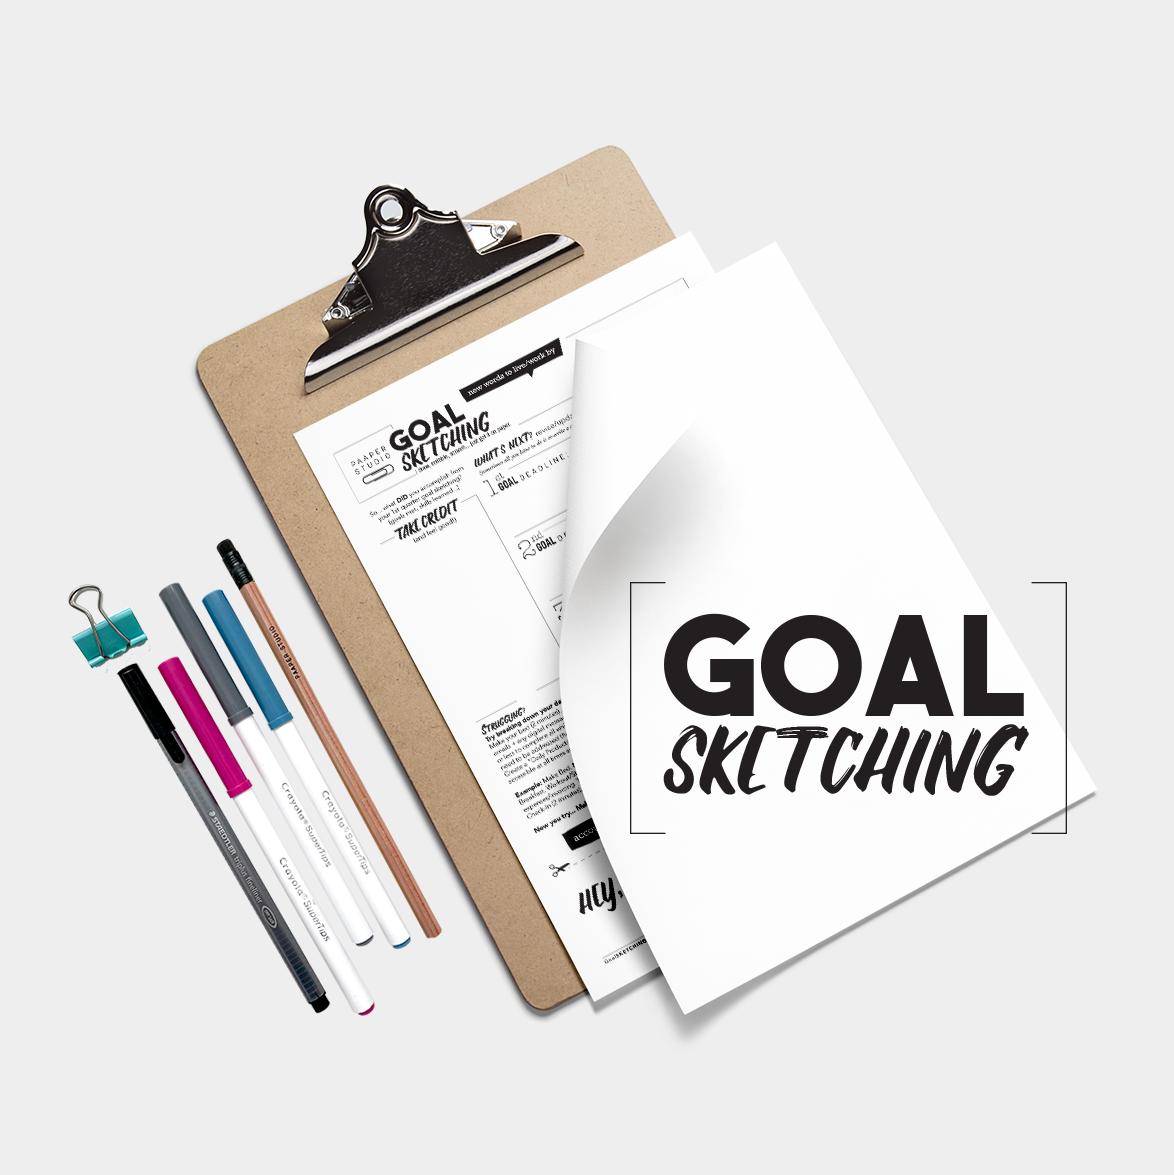 Goal Sketching